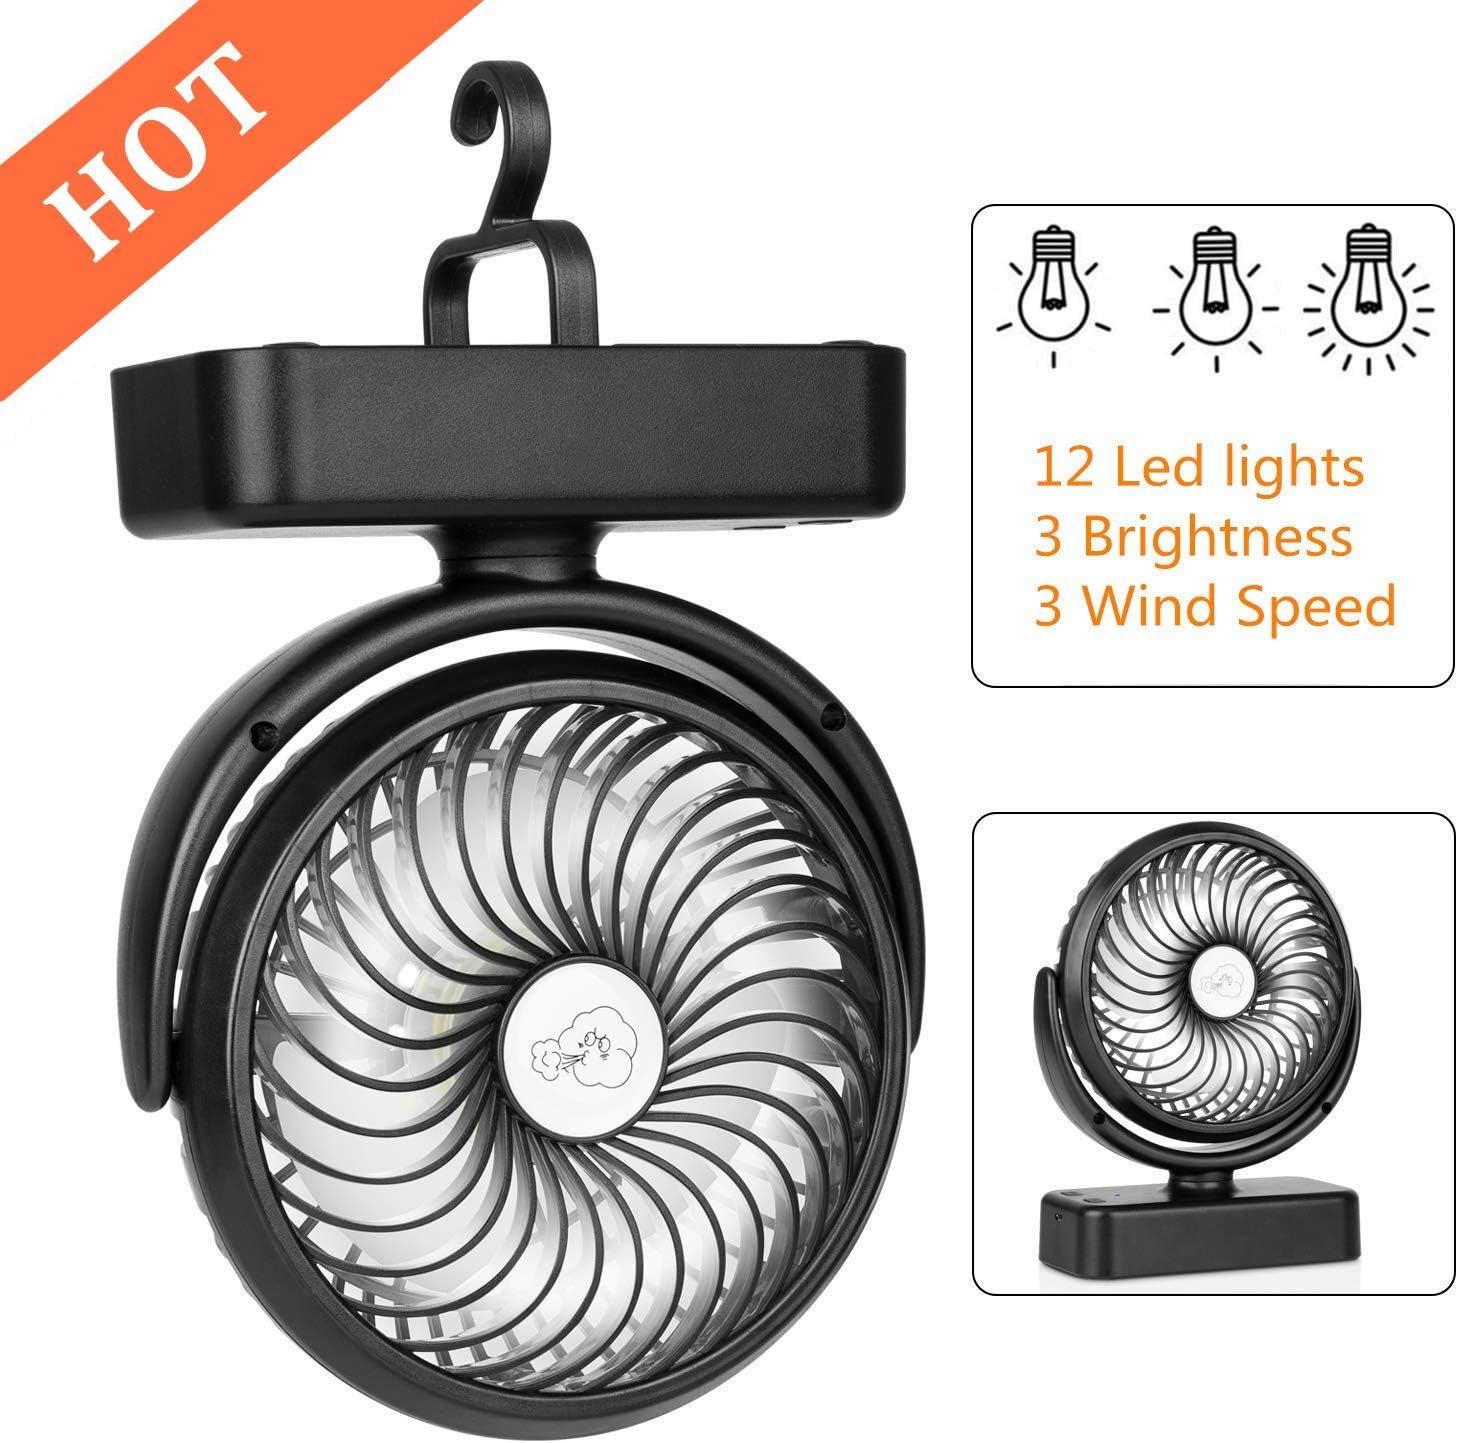 COMLIFE Ventilador de Escritorio Portátil con Luces LED para Camping con Batería Recargable 4400mAh 3 Velocidades Rotación de 360 ° Mini Fan Personal para el Hogar, Exterior, Oficina, Camping